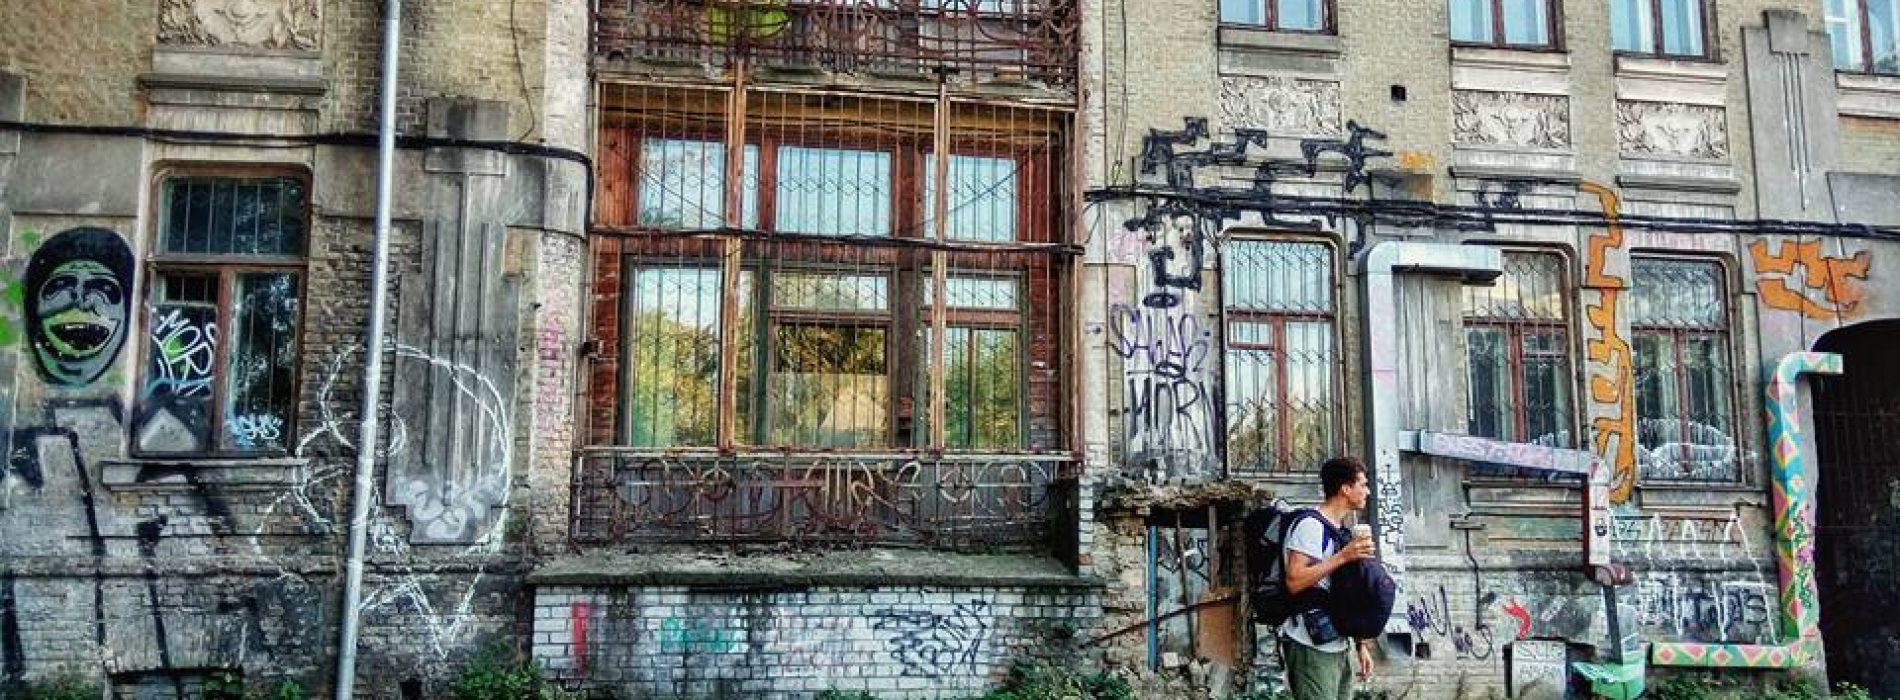 Ukrayna'ya Bakış Açınızı Değiştirecek Tavsiyeler